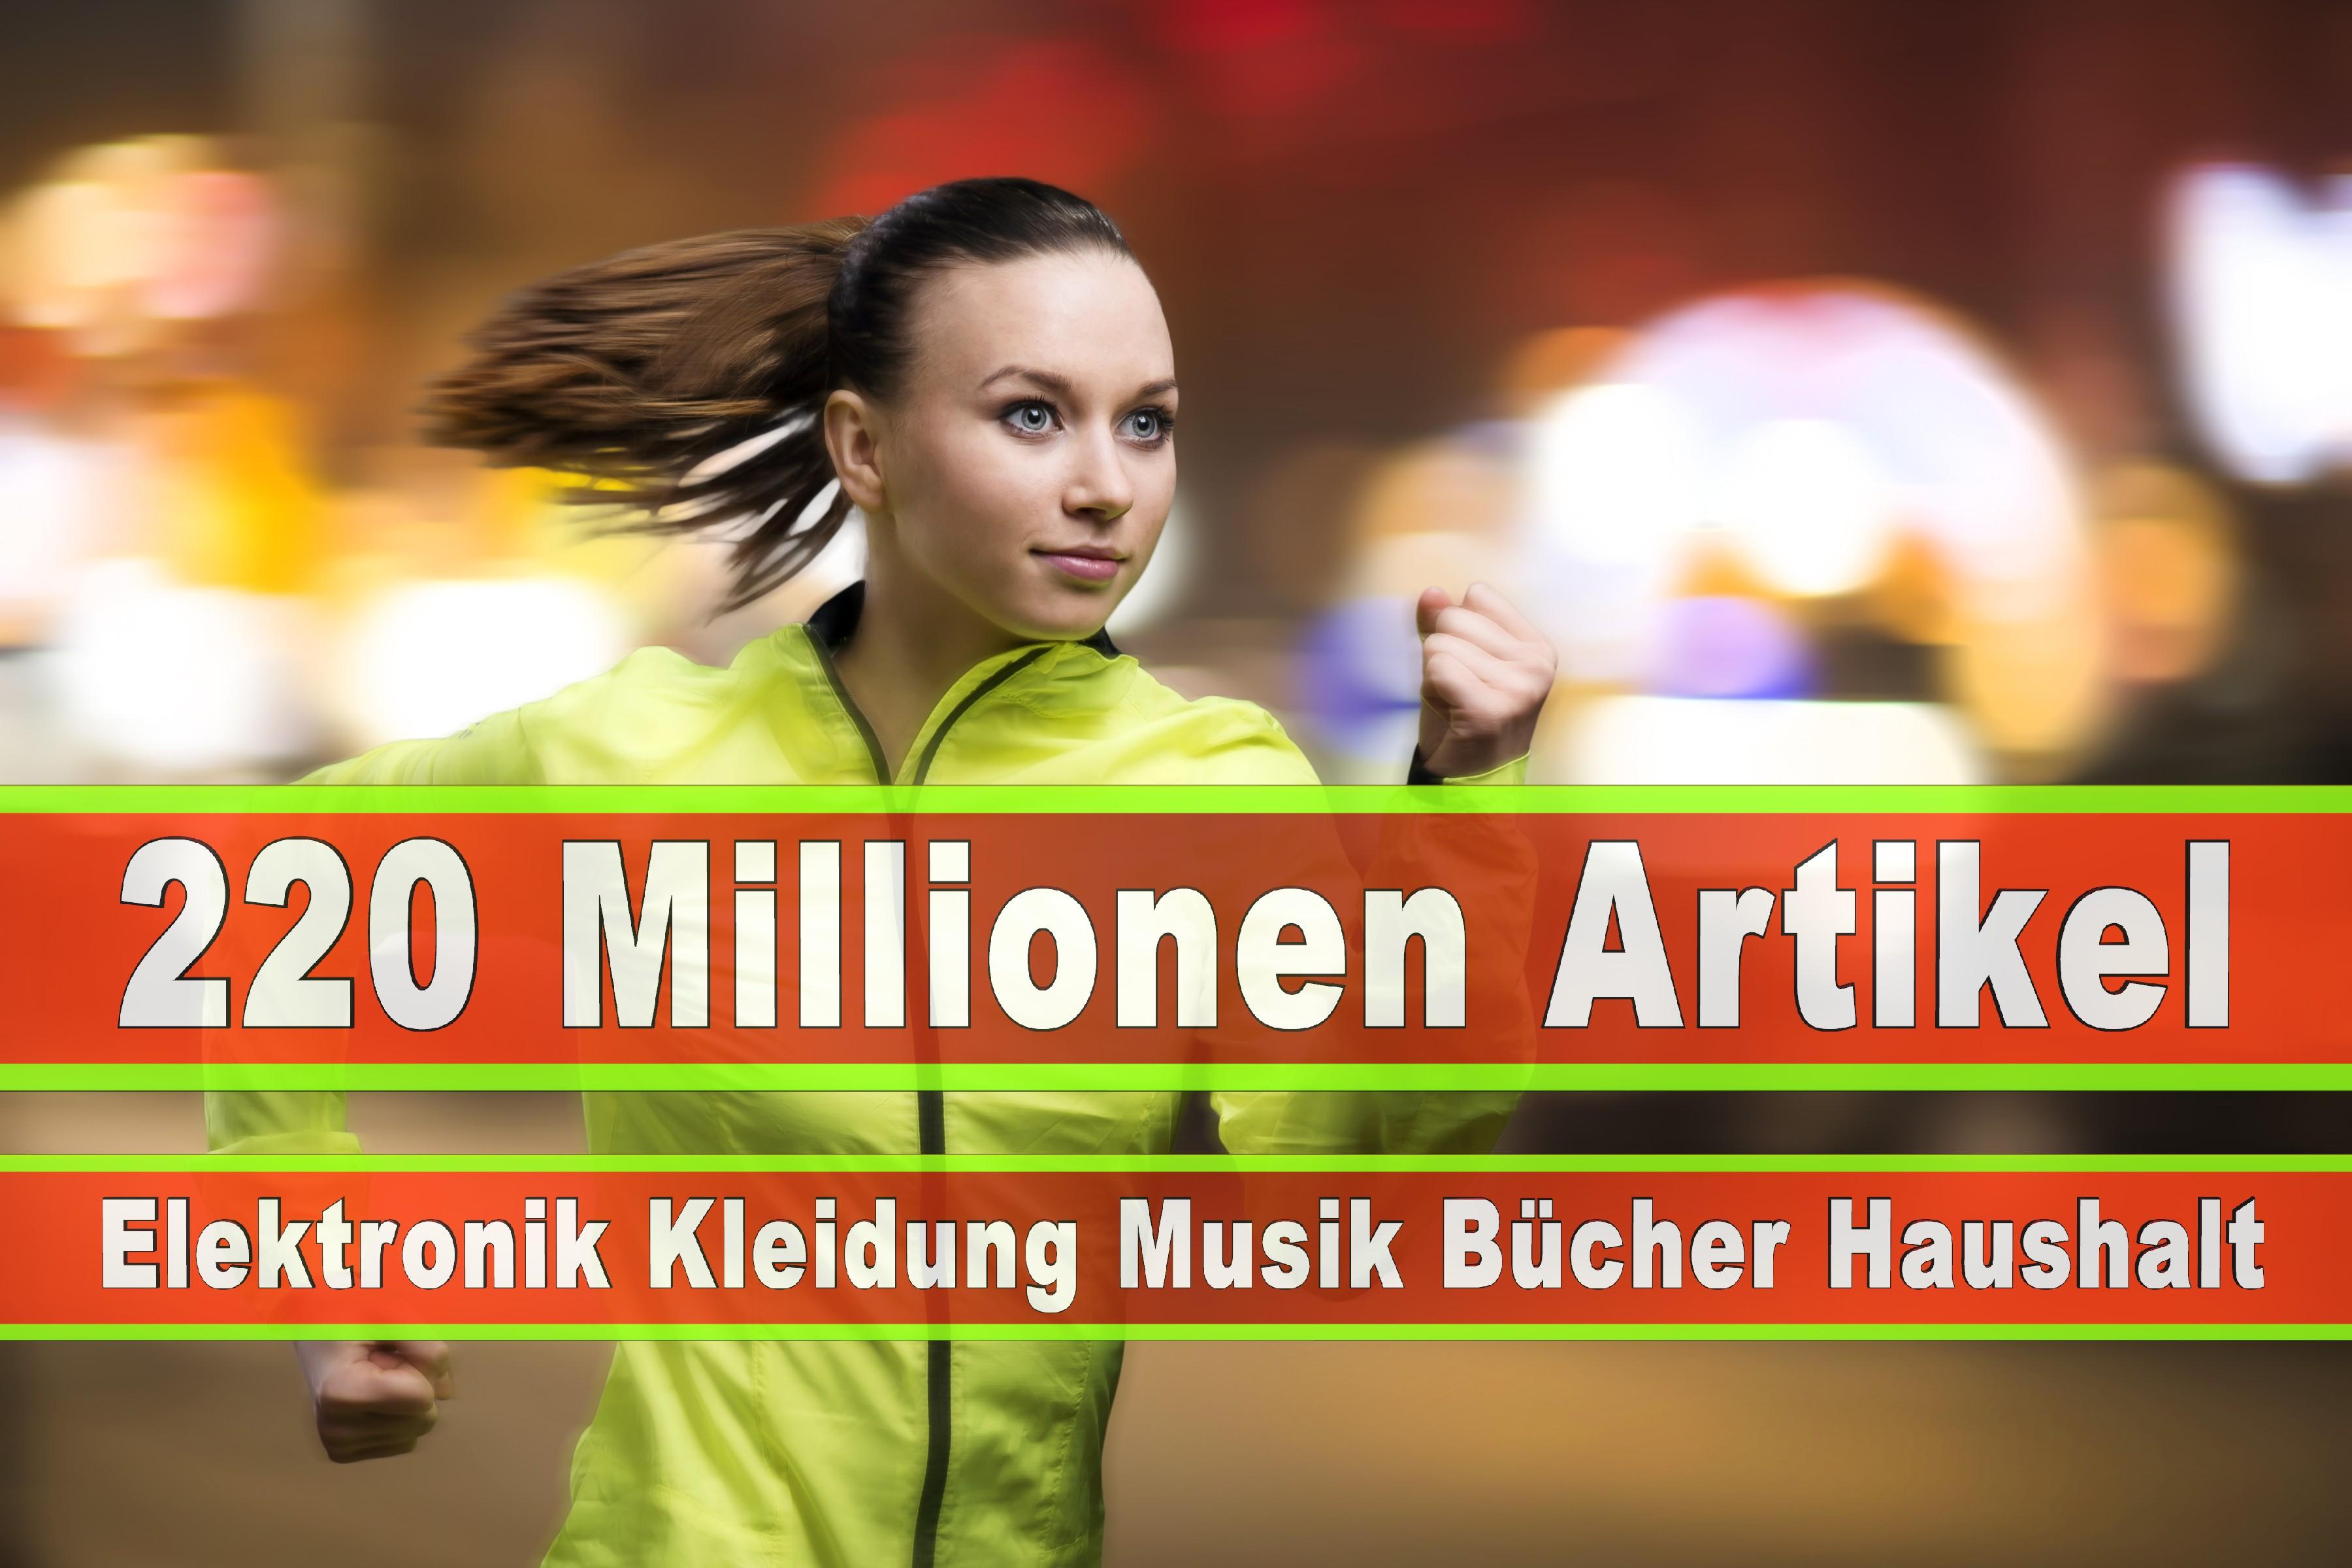 Amazon Elektronik Musik Haushalt Bücher CD DVD Handys Smartphones TV Television Fernseher Kleidung Mode Ebay Versandhaus (170)